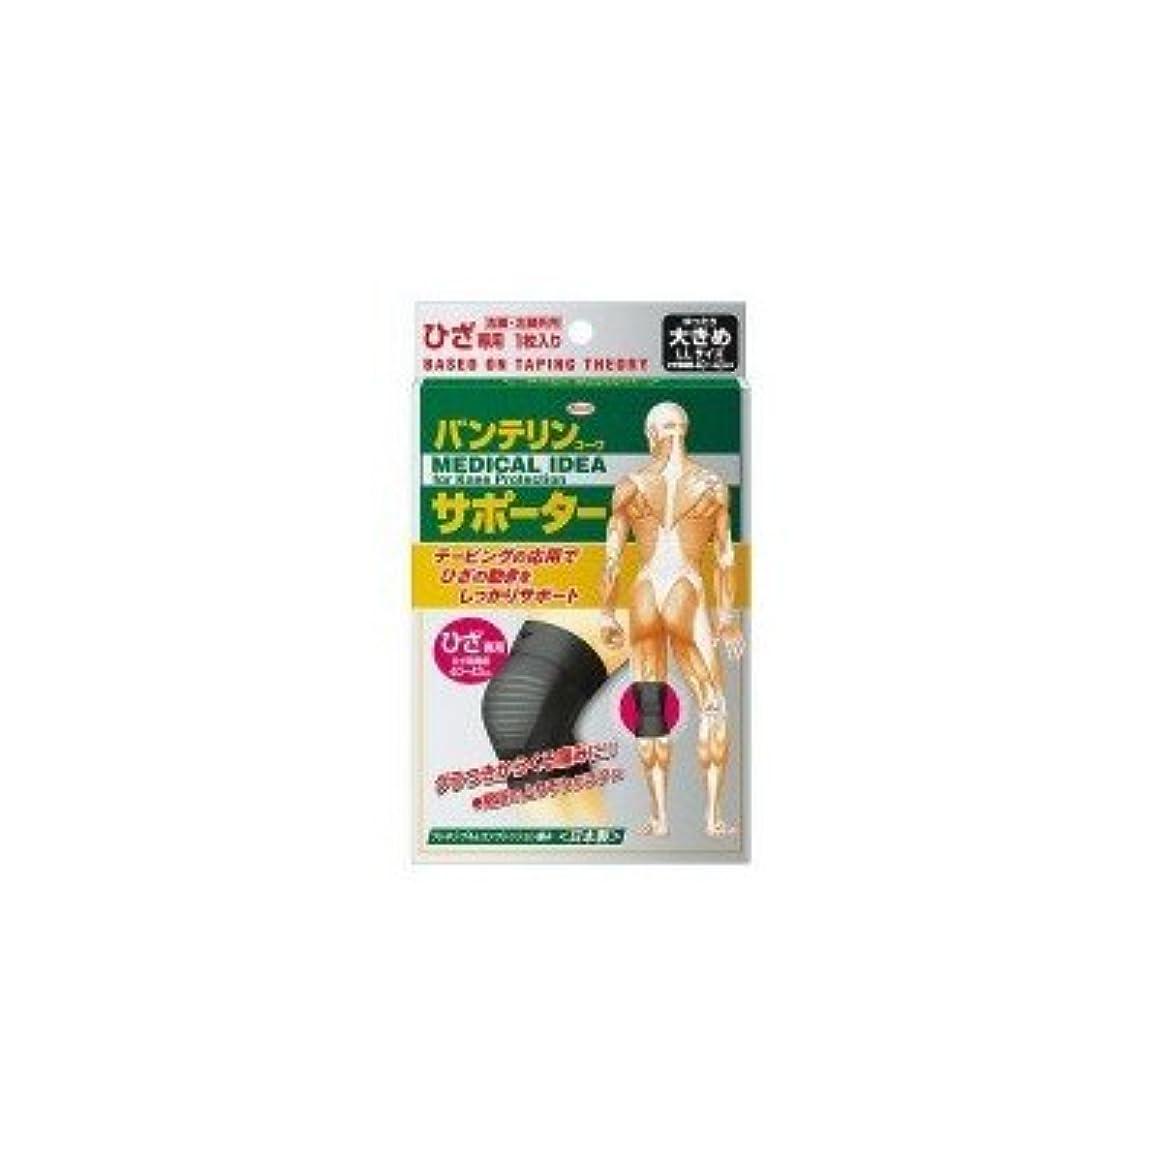 興和(コーワ) バンテリンコーワサポーター ひざ専用 ゆったり大きめLLサイズ ブラック